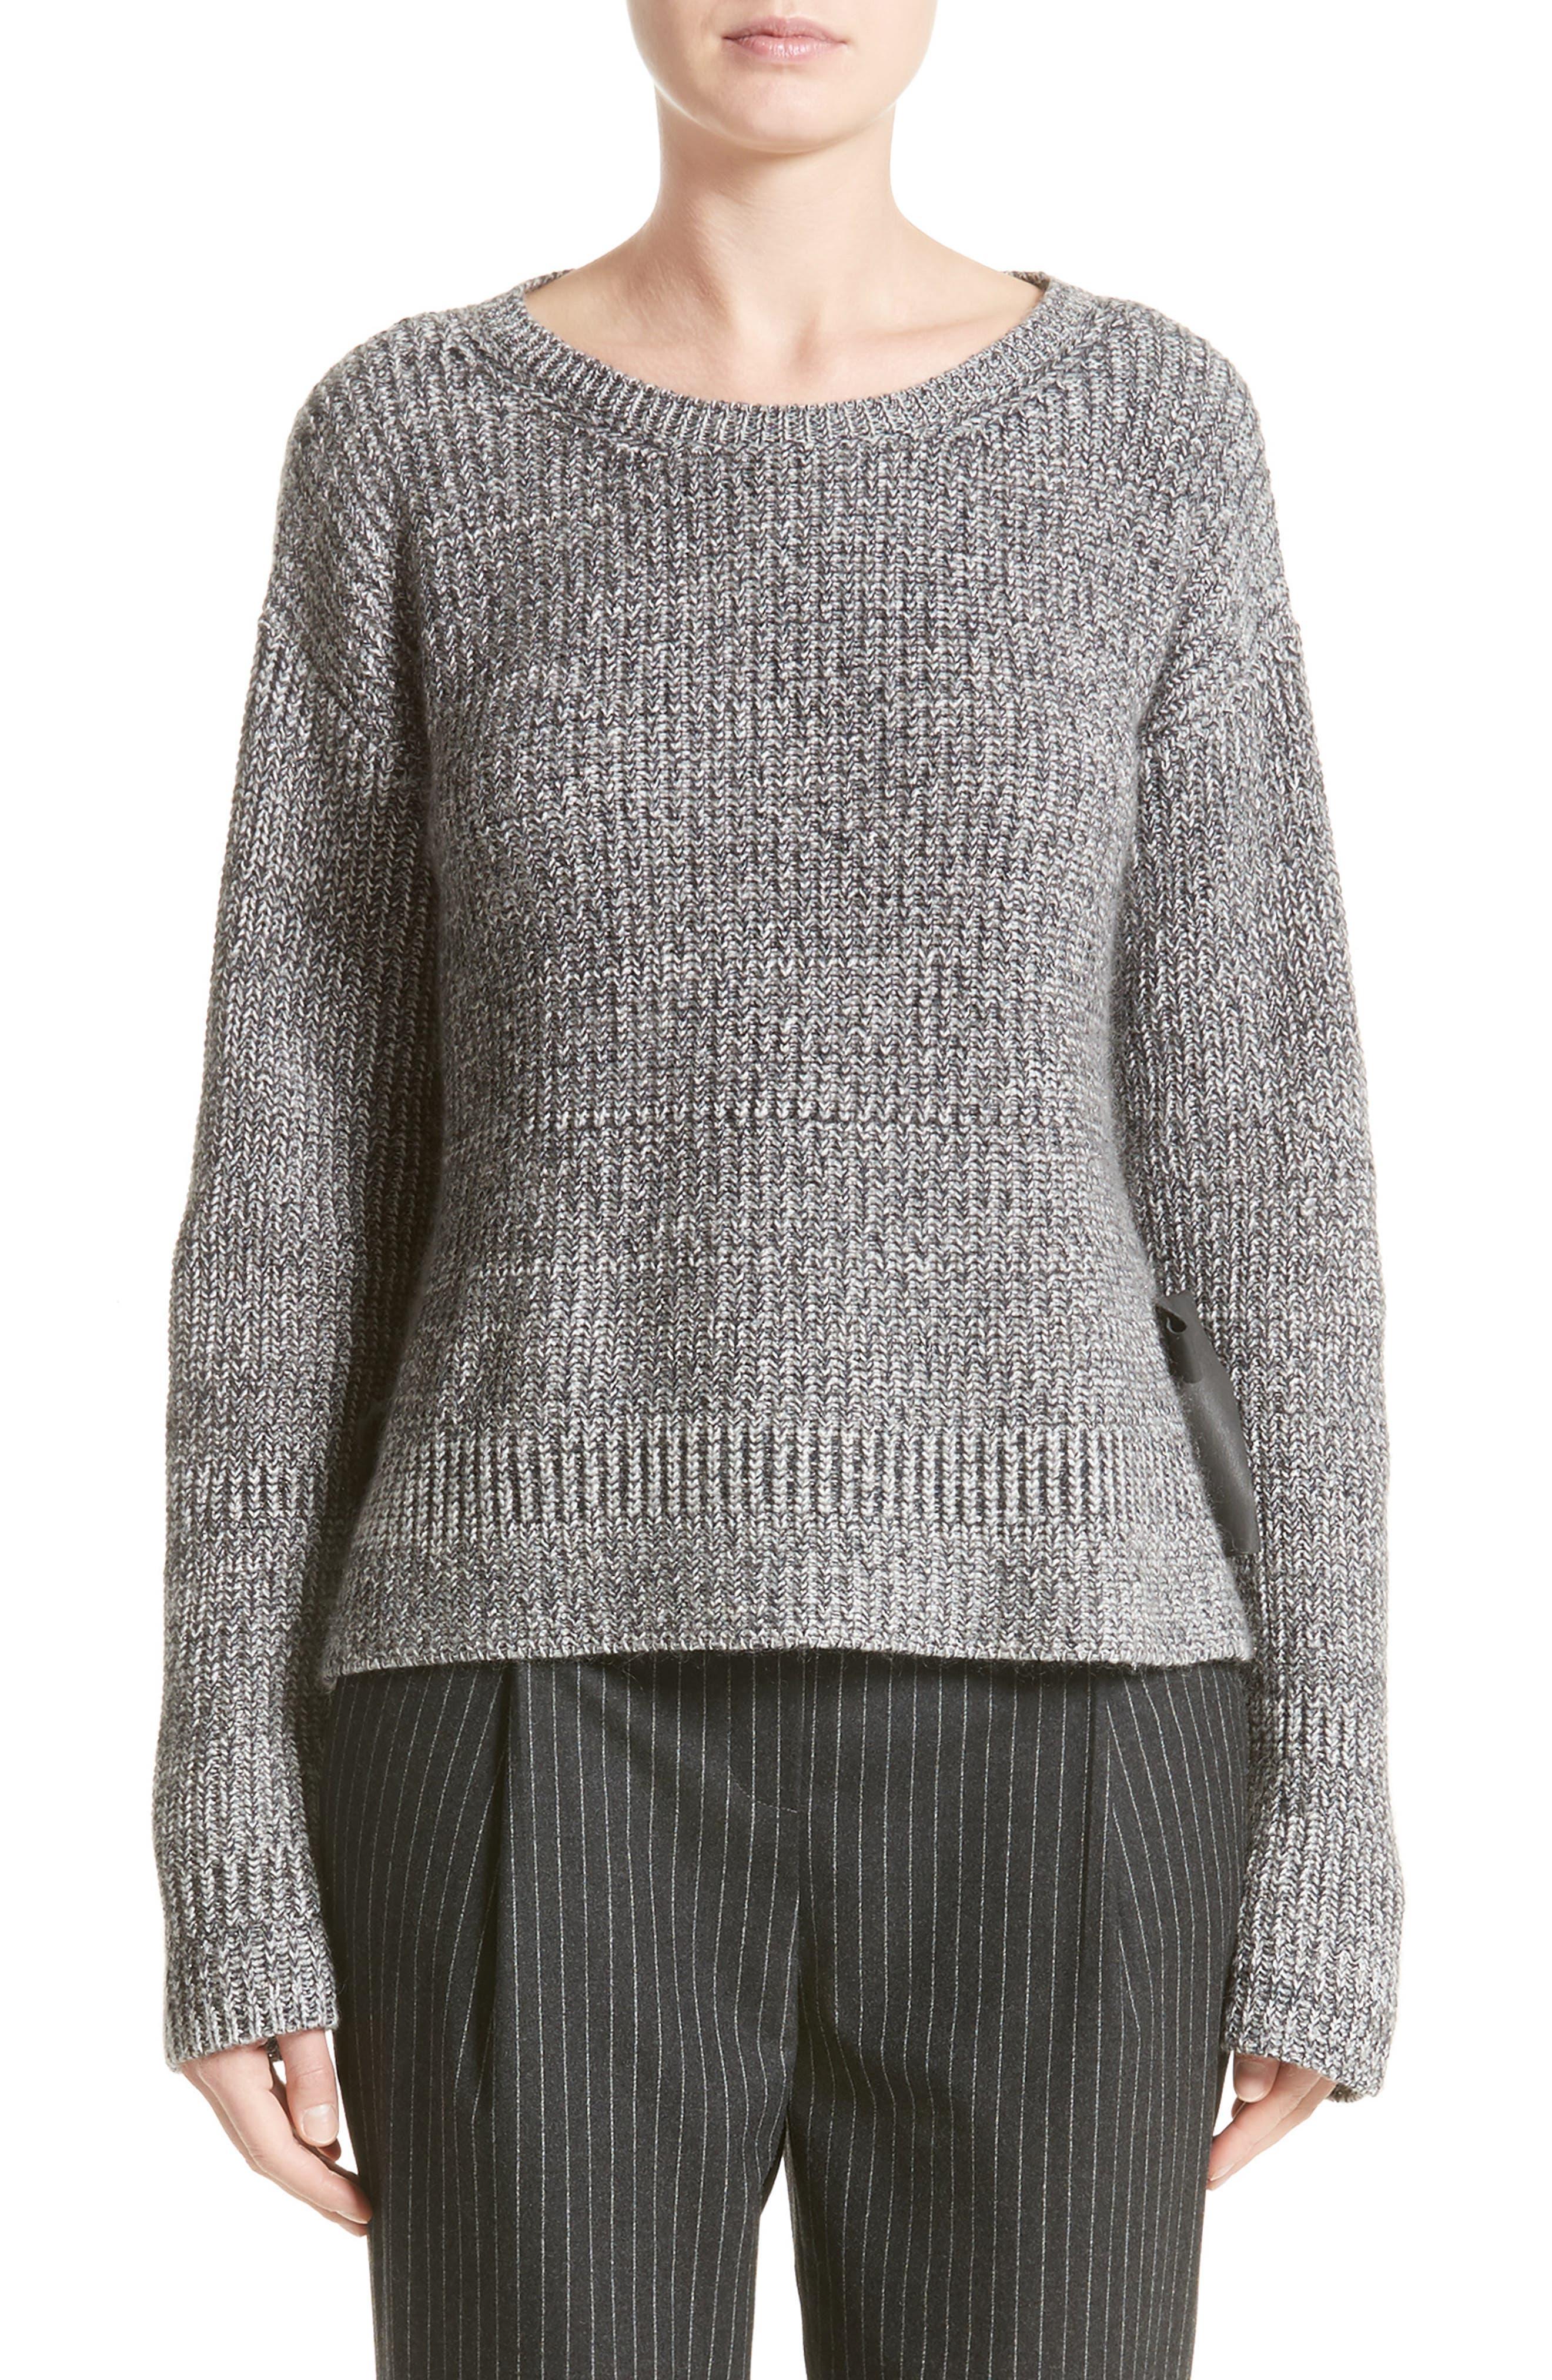 Herringbone Stitch Wool Blend Sweater,                         Main,                         color, Grey Multi